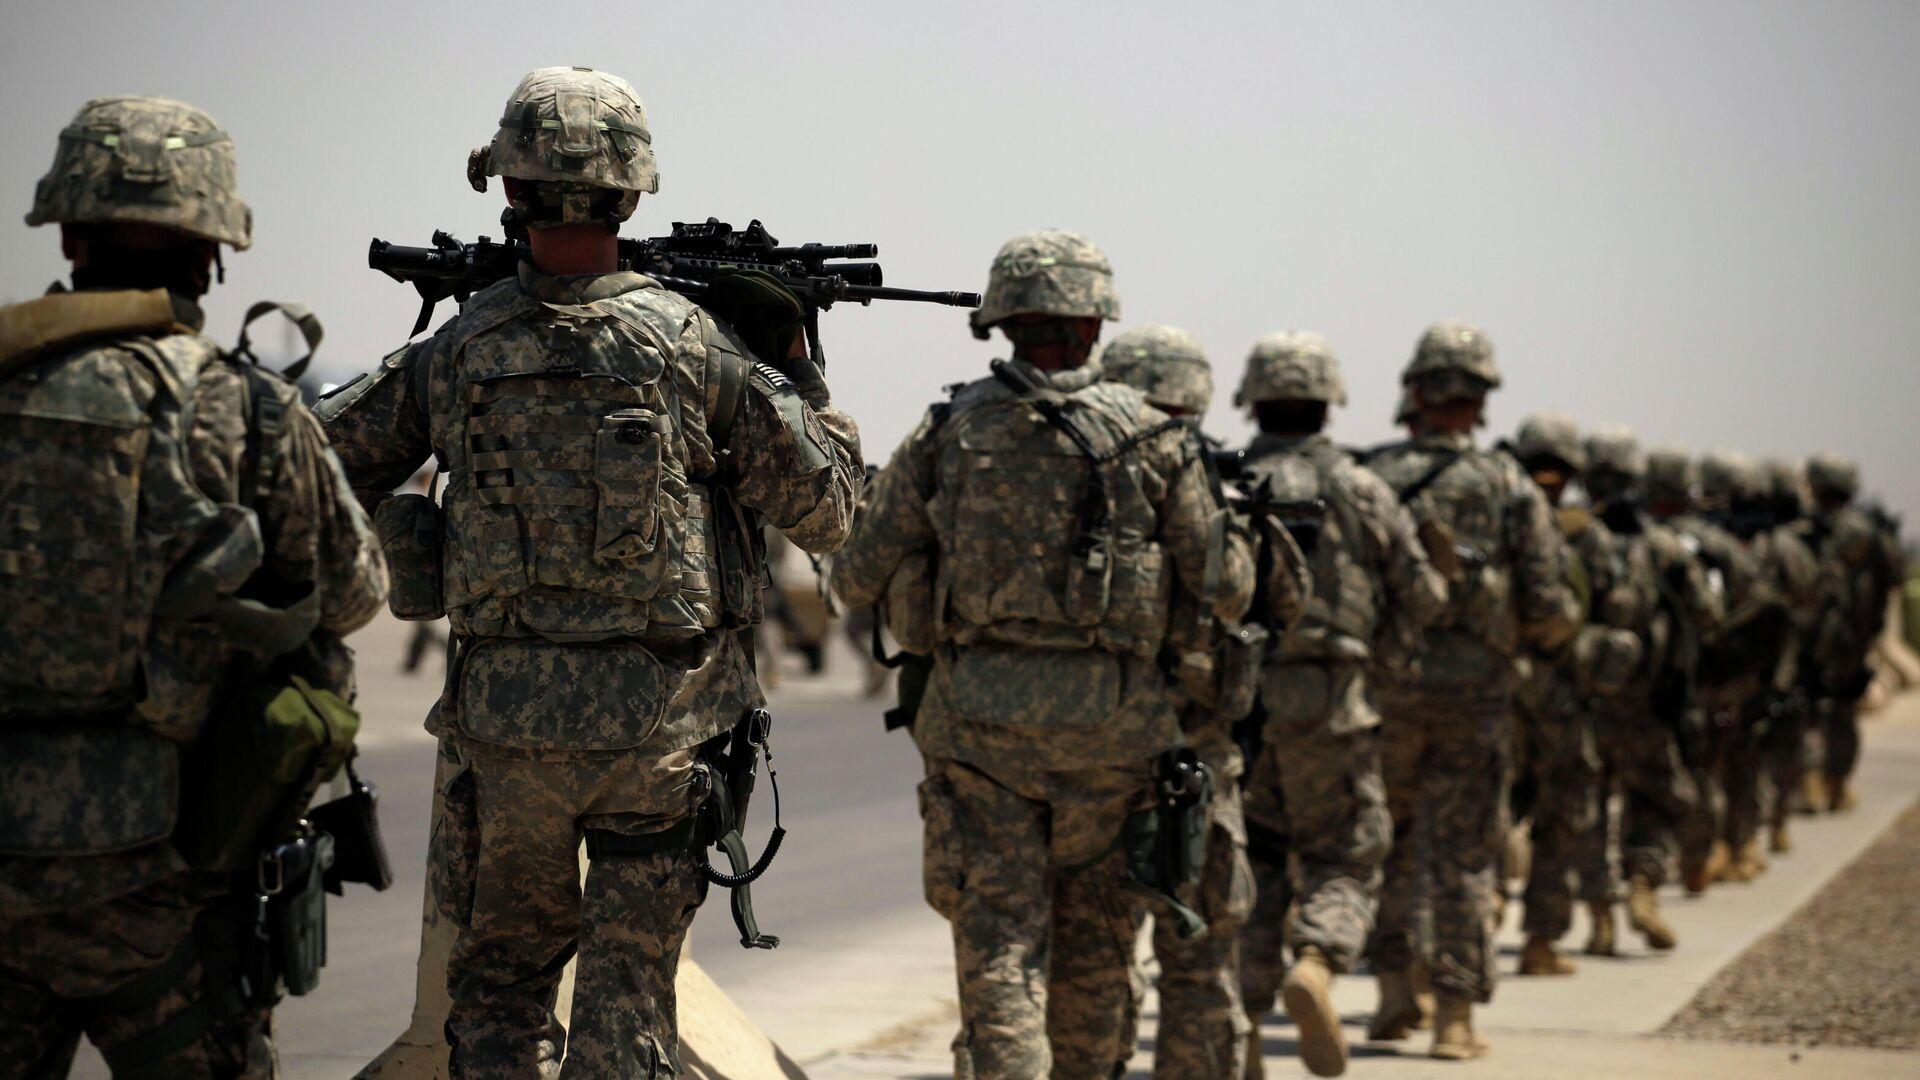 США хотят расширить военное присутствие в Греции, пишут СМИ